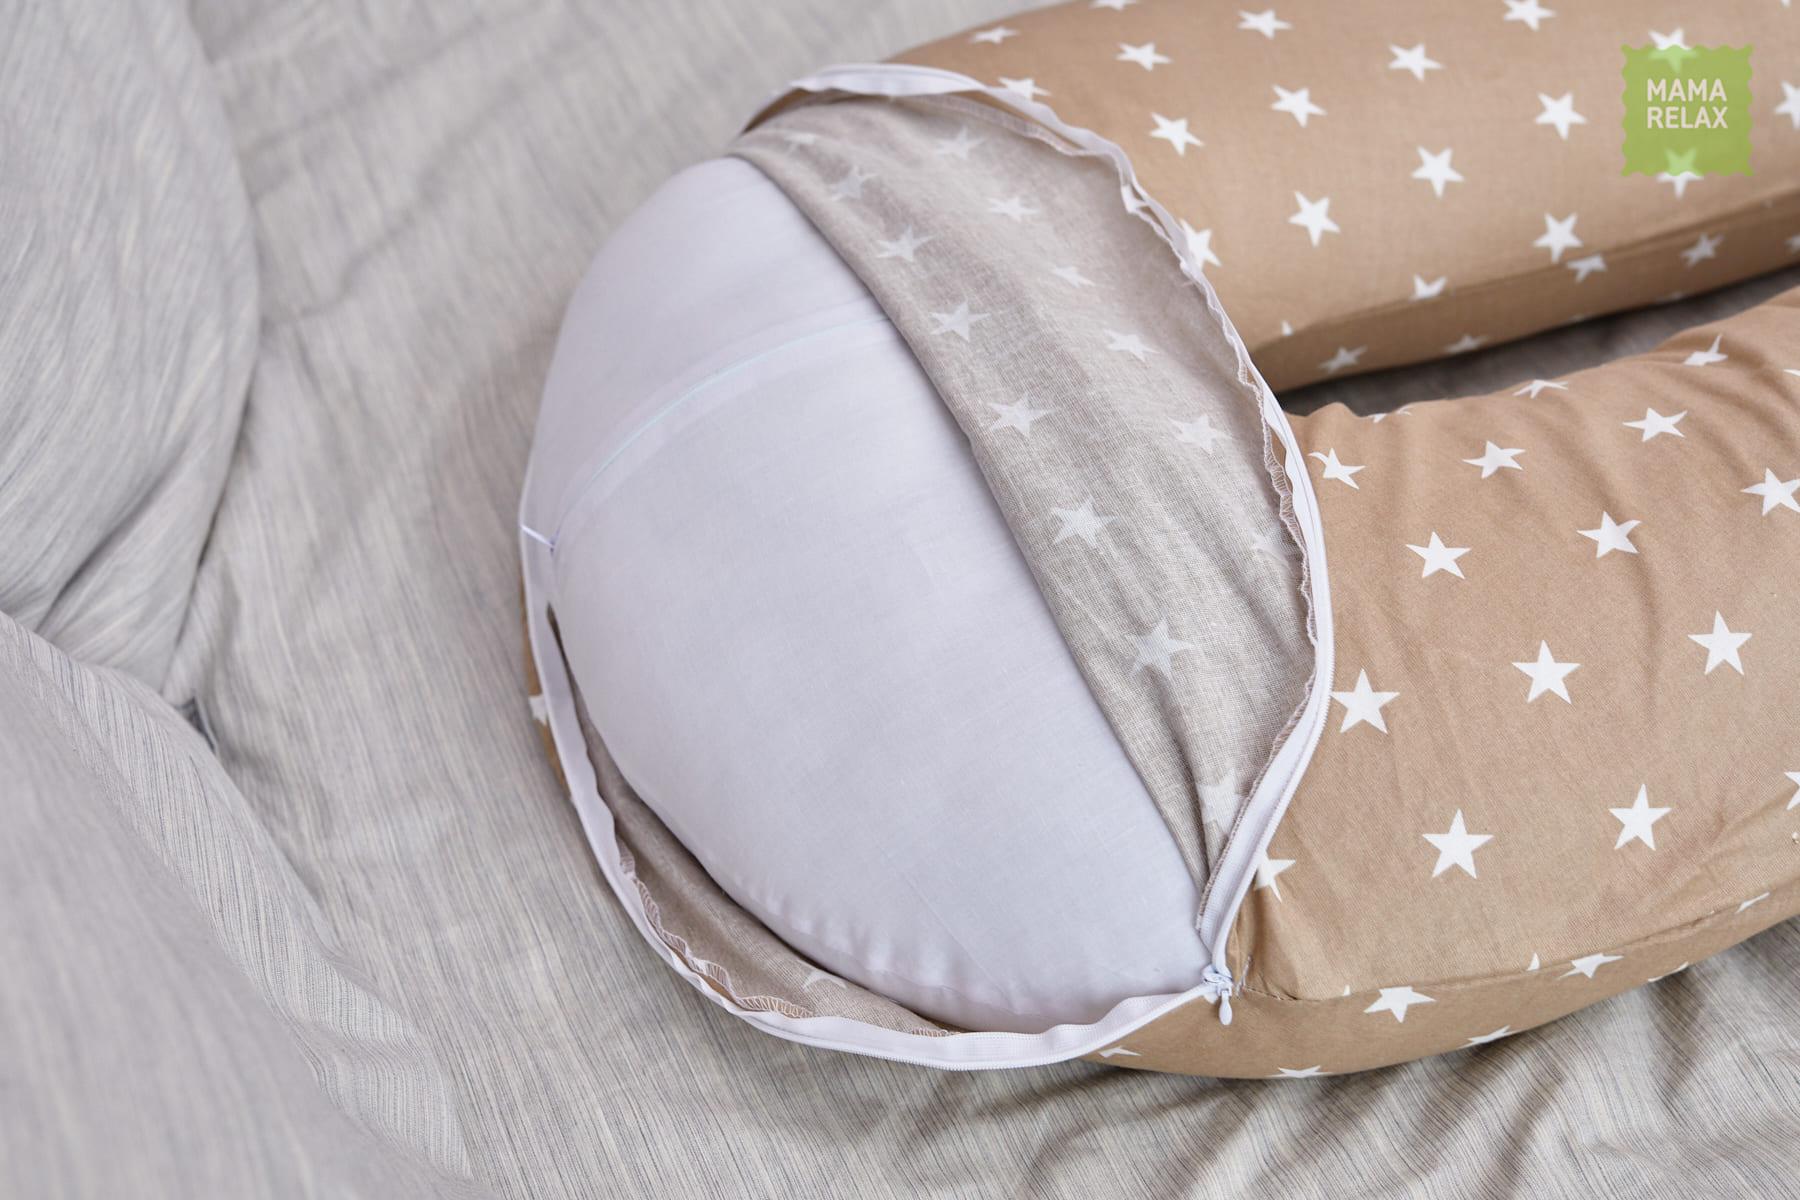 Подушка Mama Relax для беременных U 340 Optima + наволочка бязь Звездочки кофе